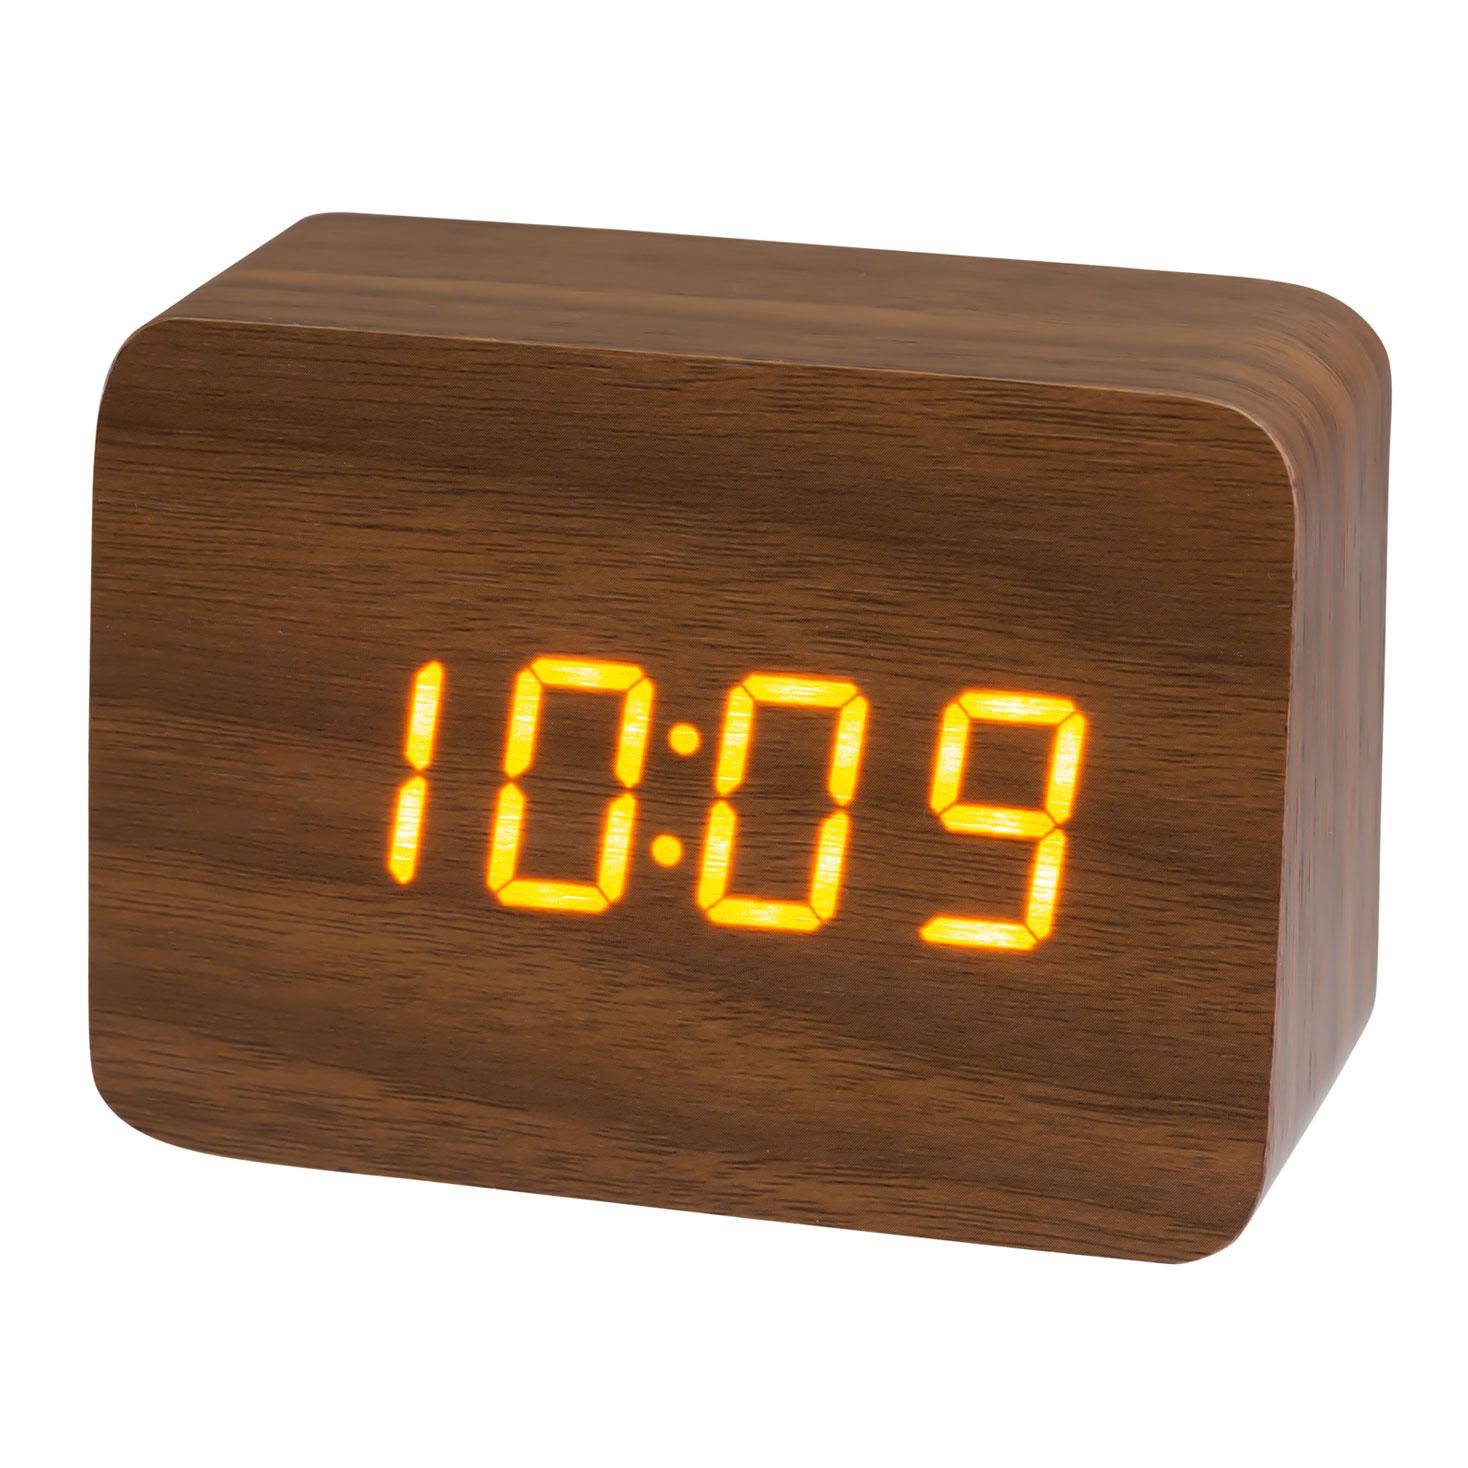 木目クロック 置き時計 目覚まし時計 木調 小型 ミニ インテリア ウッド LED PLUSDECO プラスデコ【IAC-5656】